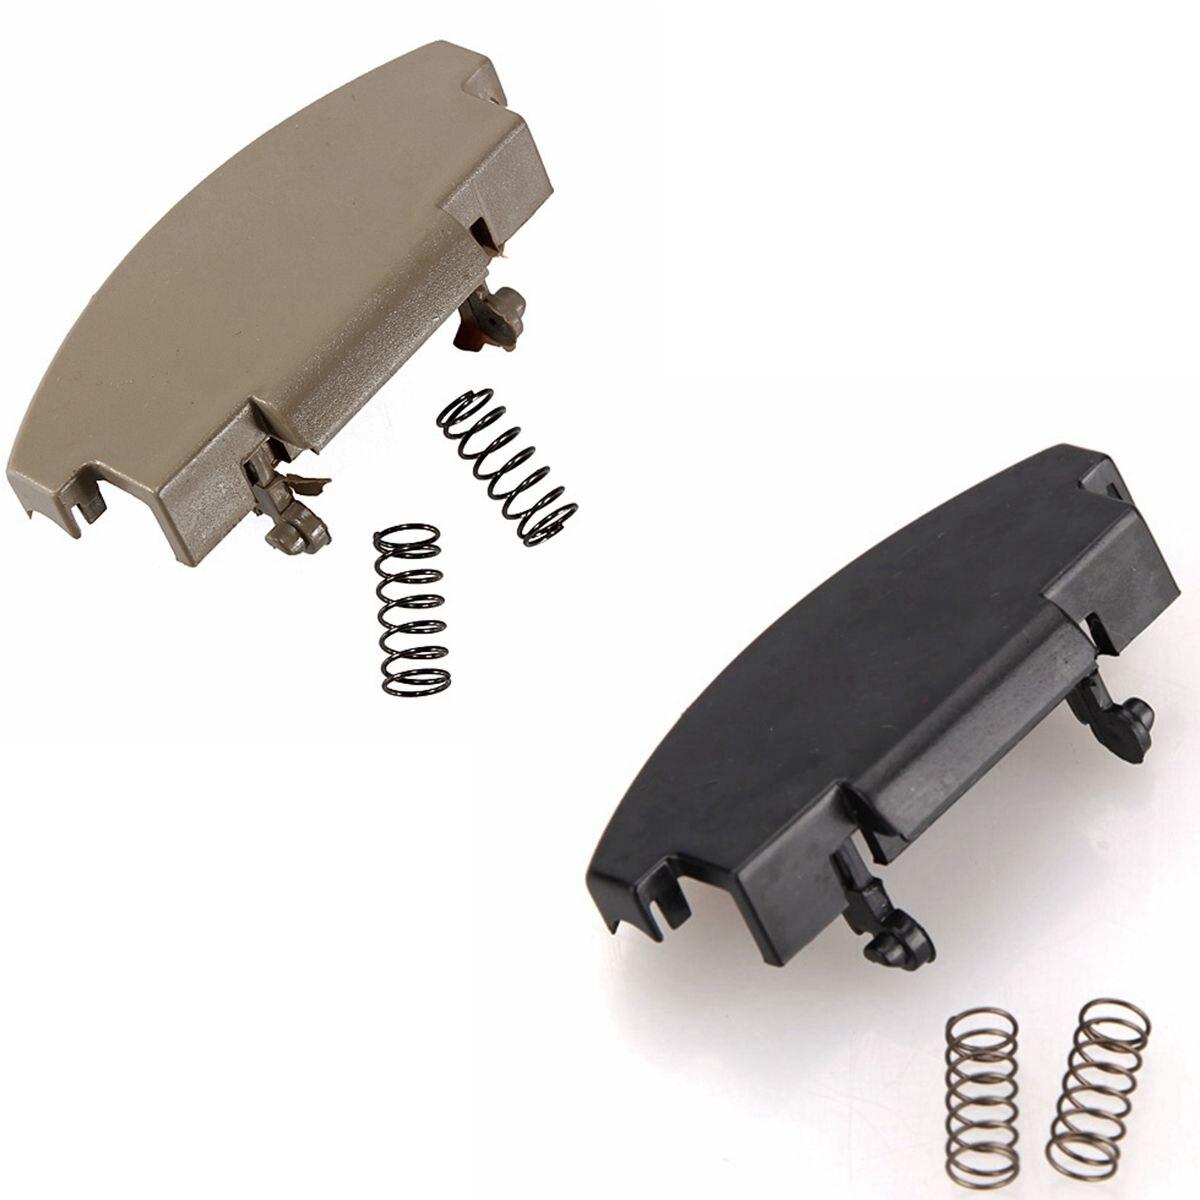 Center Console Armrest Repair Latch Clip For VW PASSAT B5 Jetta Bora Golf Mk4